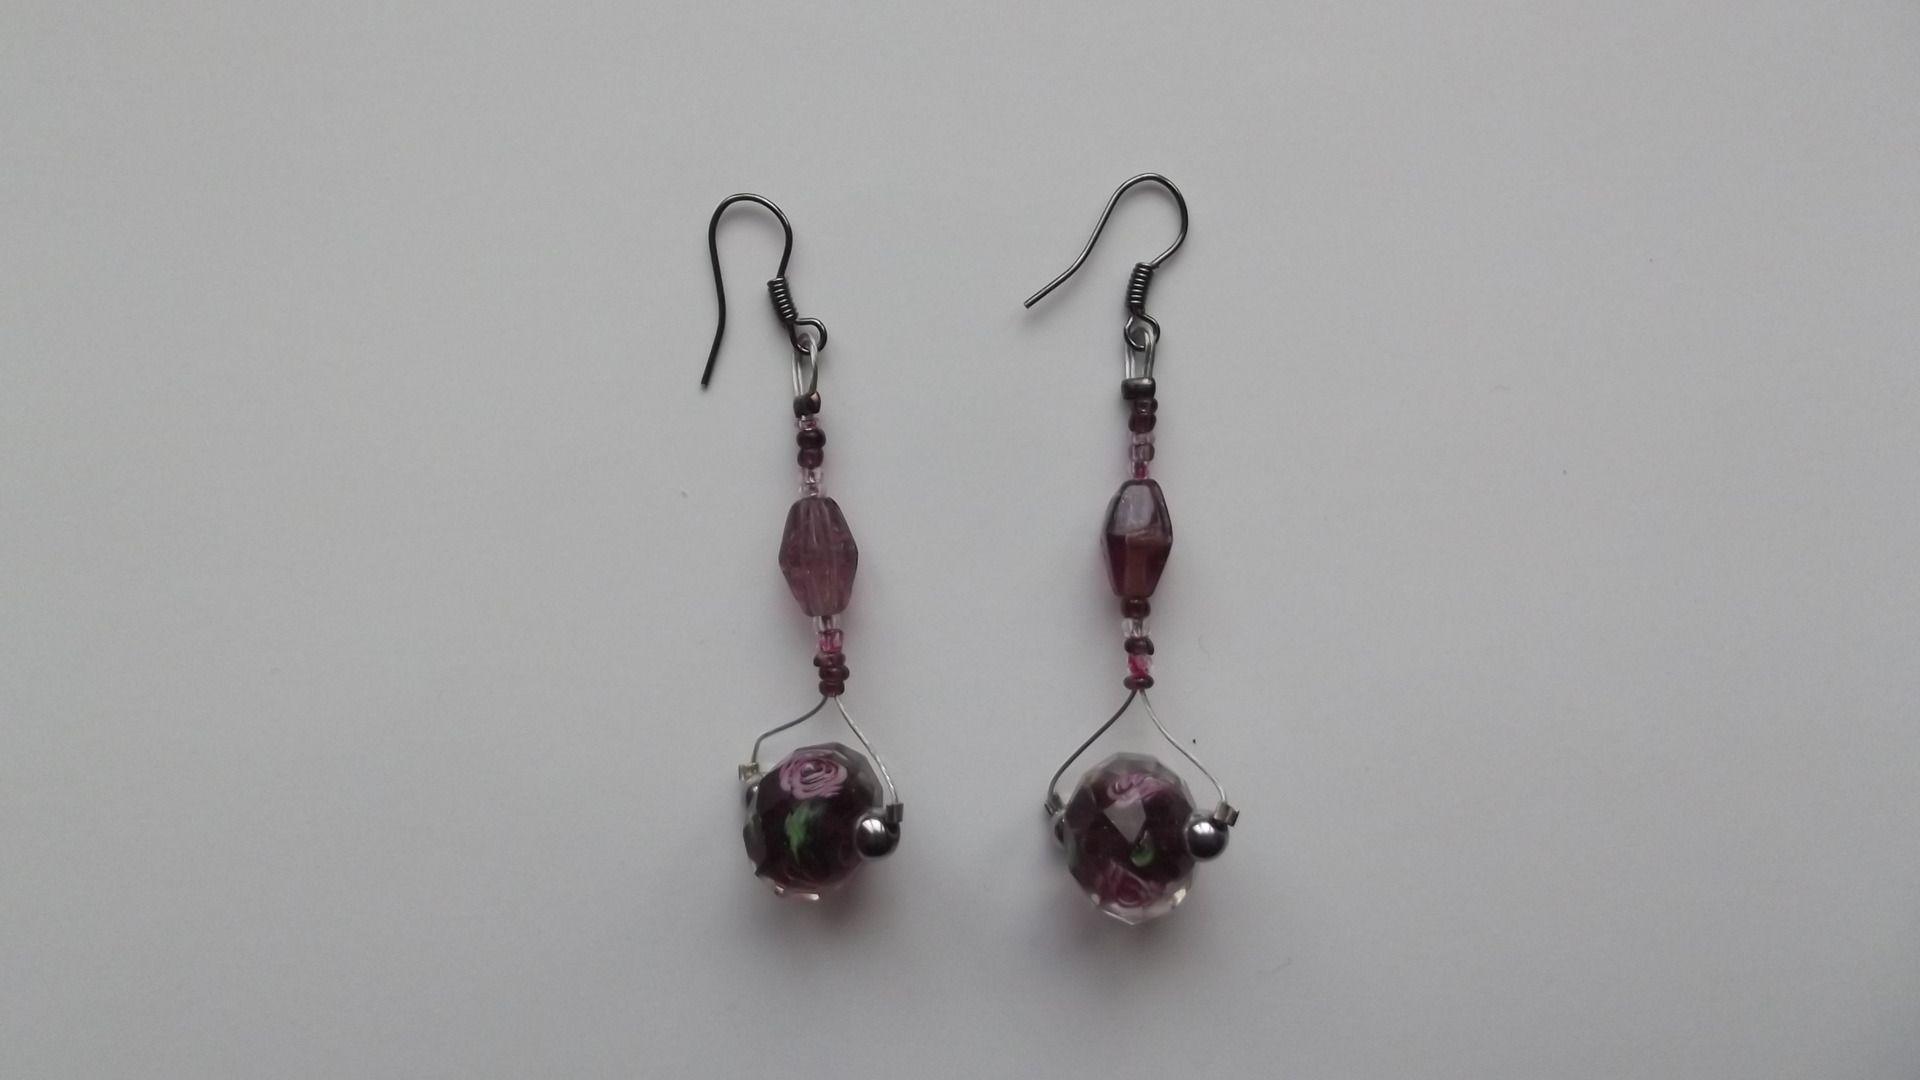 Boucles d'oreilles perles lampwork et perles semie précieuses en hématite argenté : Boucles d'oreille par merveilles-d-oliphie